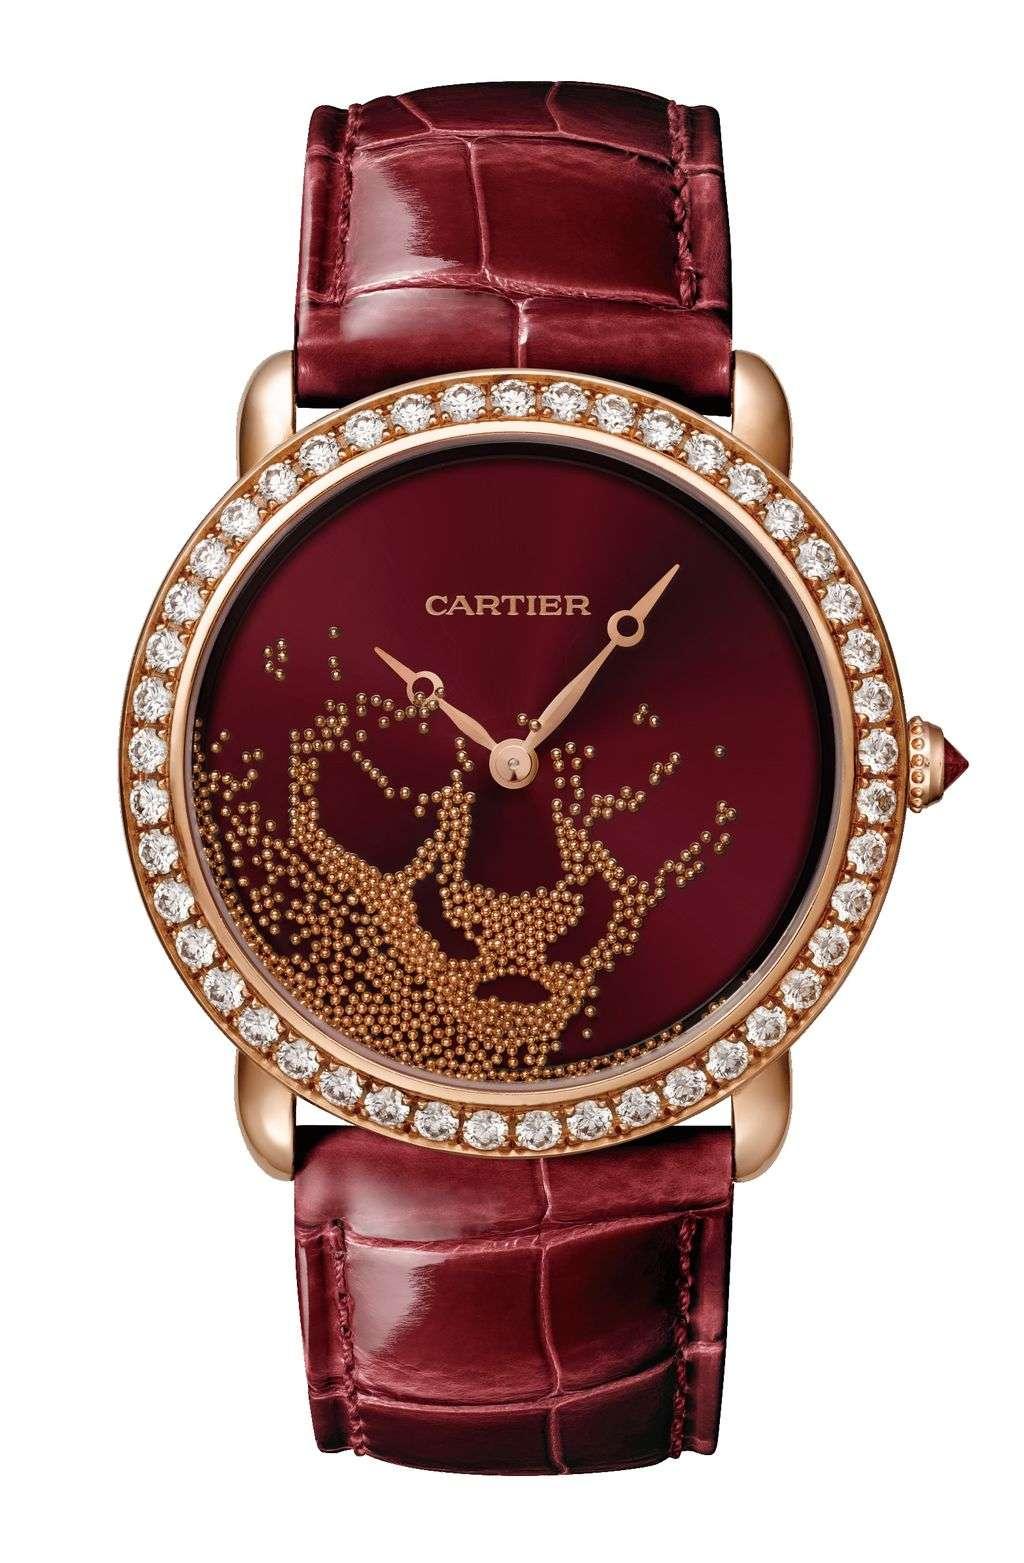 卡地亞 Révélation d'une Panthère 金珠流沙美洲豹紅色真漆腕錶